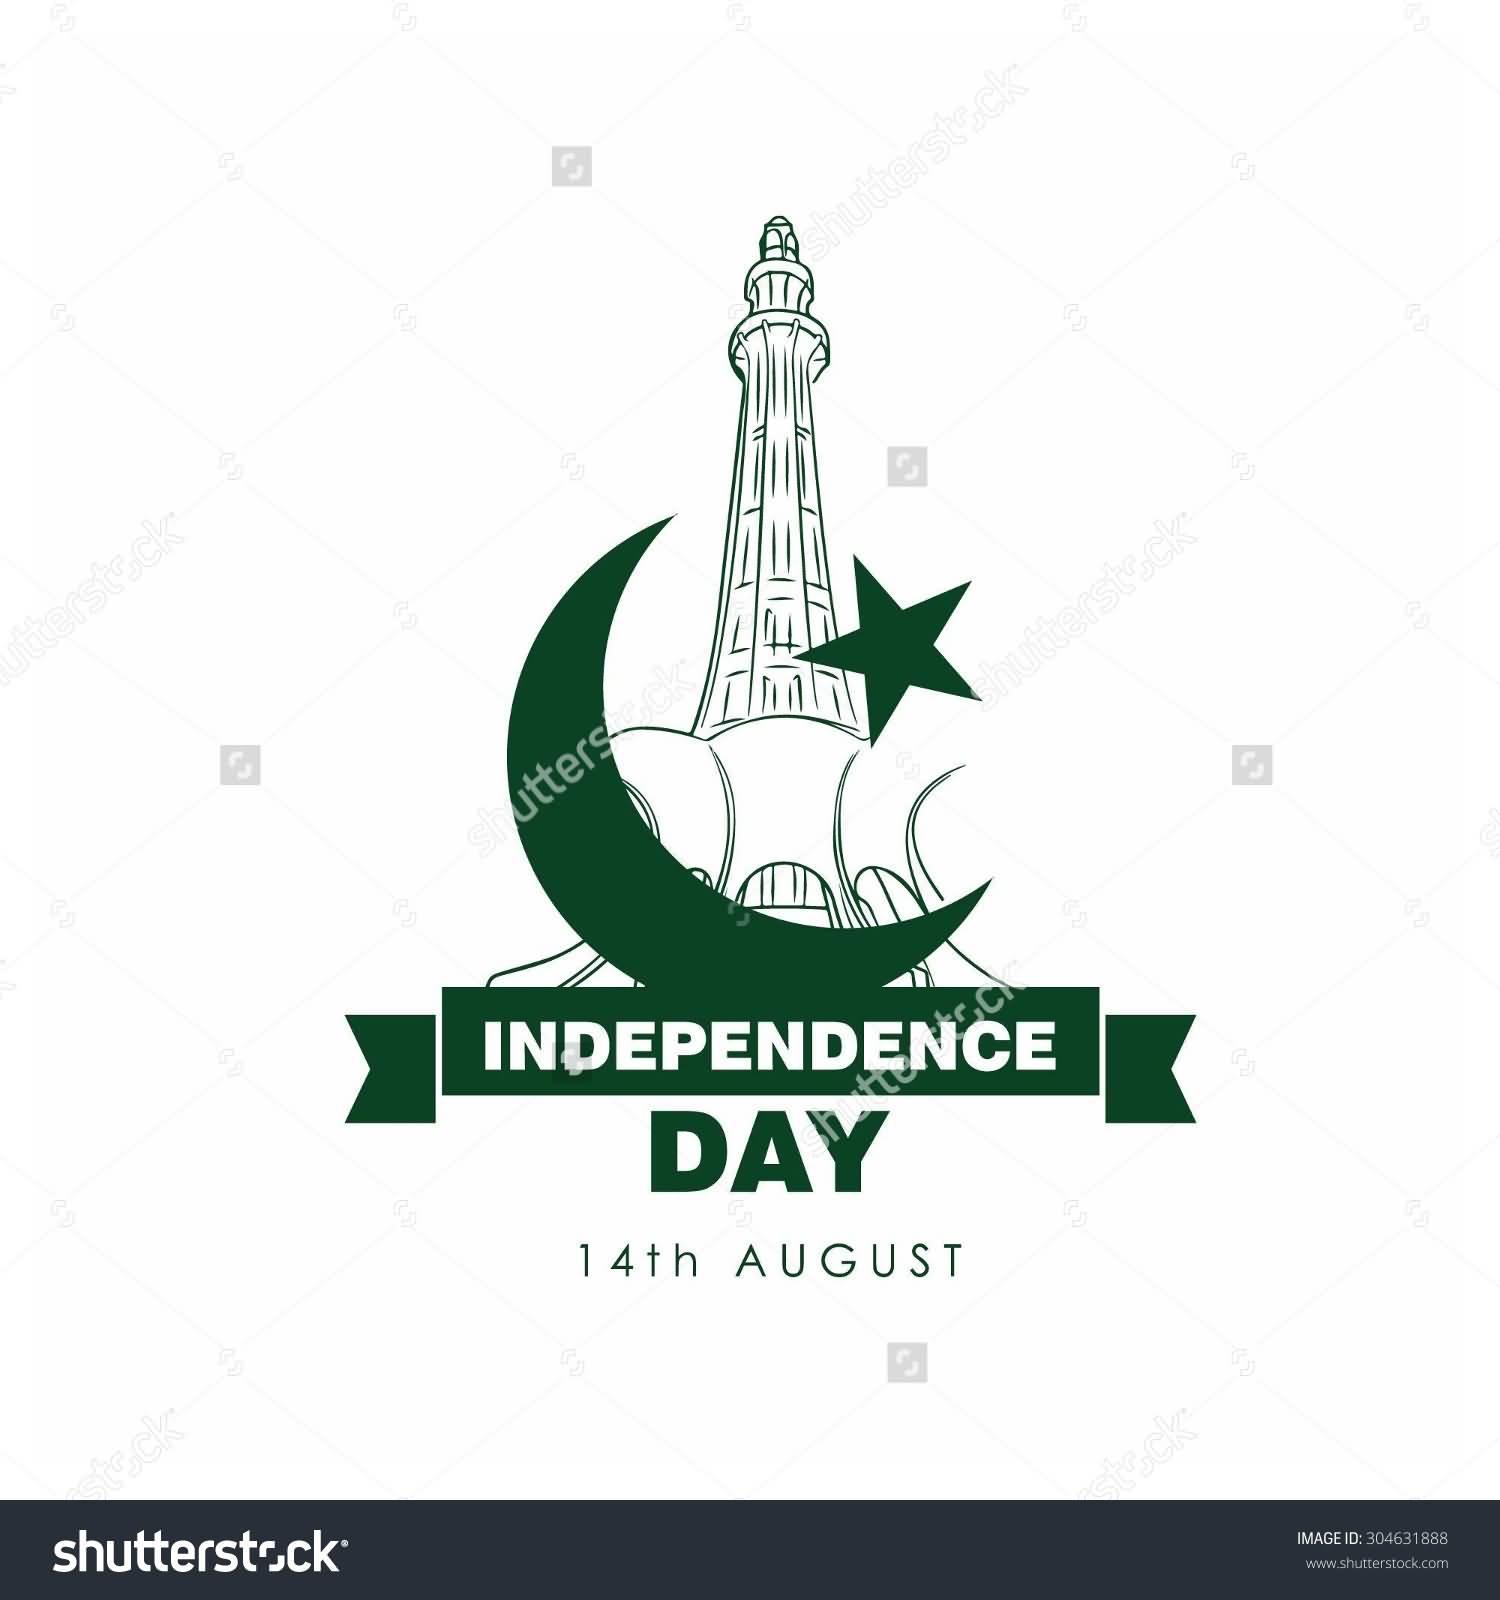 my dear homeland pakistan Home » uncategorized » why i love pakistan a speech written by muhammad ibrahim (mike)  dear fellows, pakistan my homeland is.